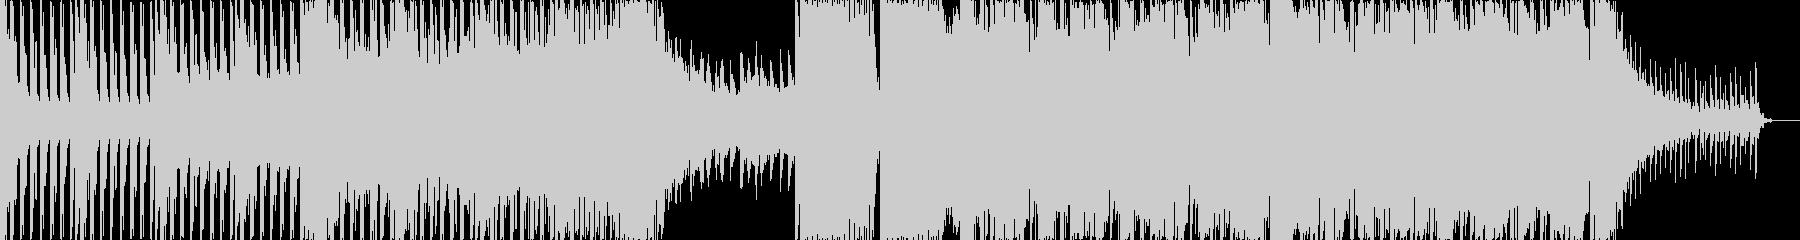 きらびやかなディスコ調のEDMの未再生の波形